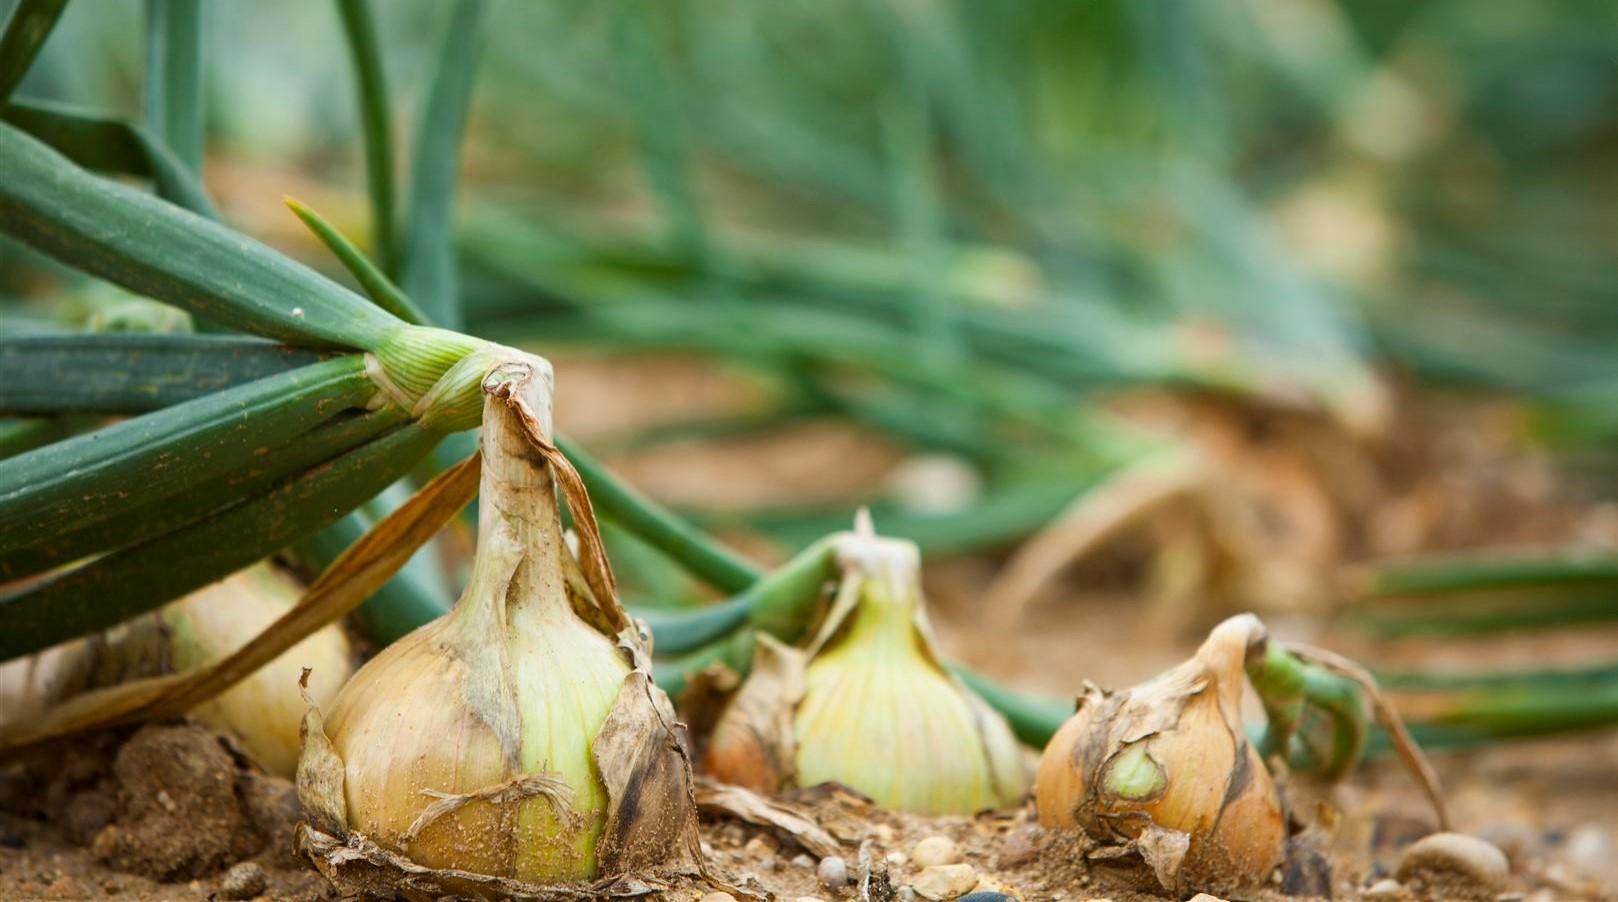 Выращивание репчатого лука: особенности и правила процесса